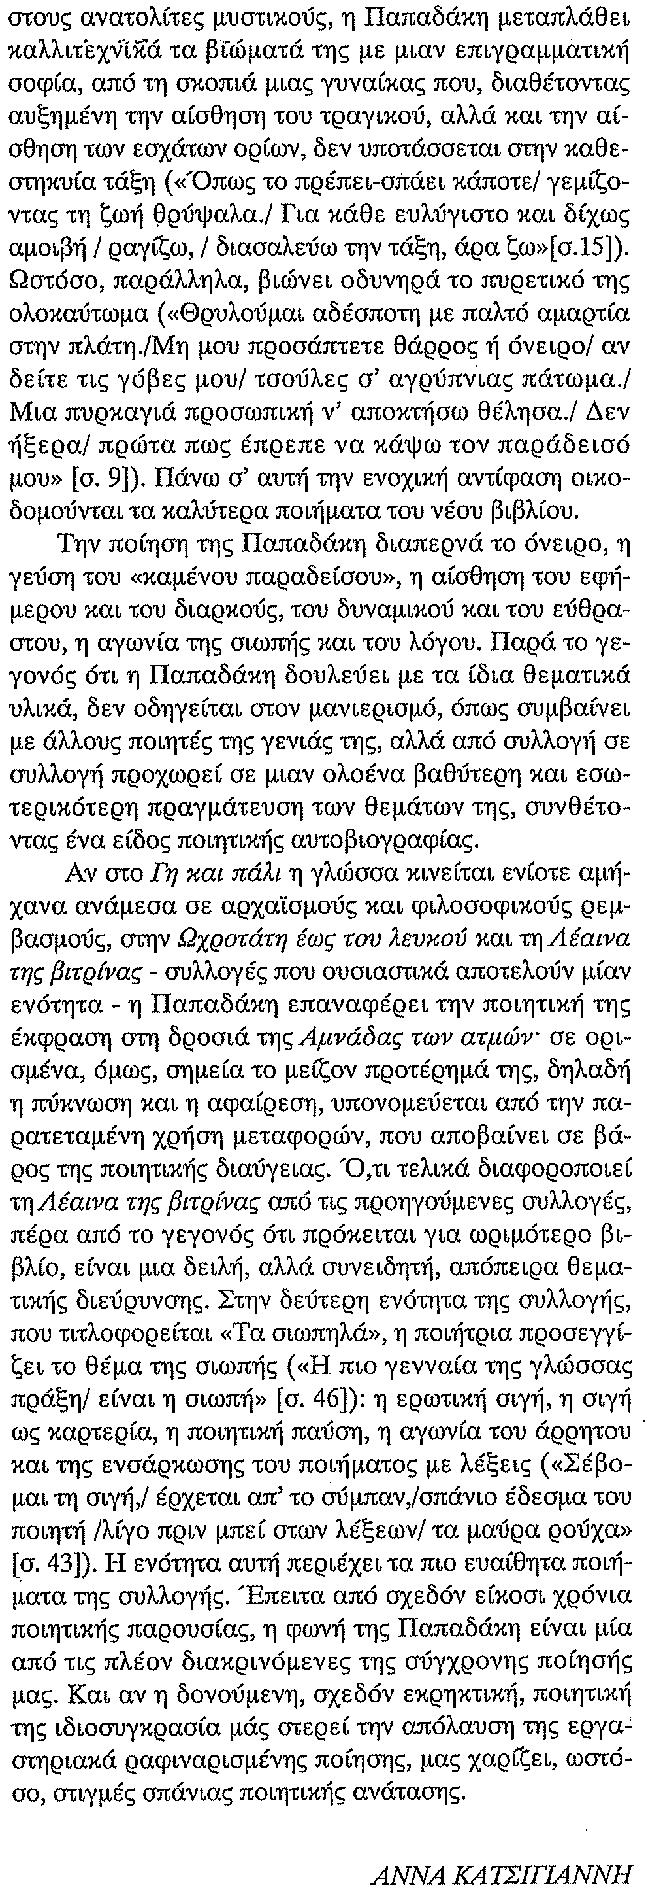 ΑΝΝΑ ΚΑΤΣΙΓΙΑΝΝΗ, ΛΕΑΙΝΑ ΤΗΣ ΒΙΤΡΙΝΑΣ2